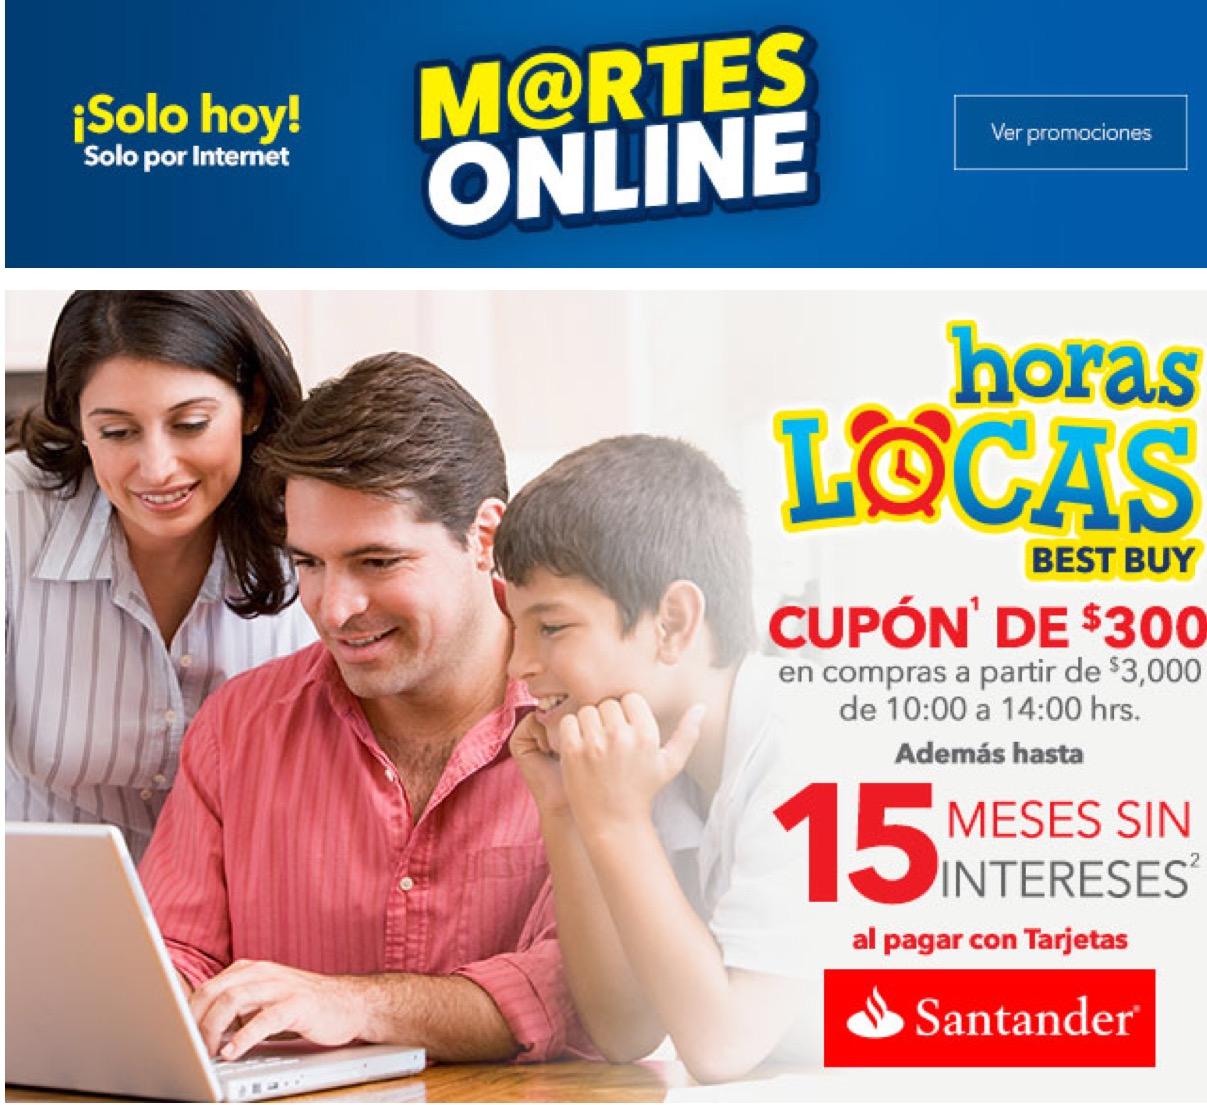 Best Buy en línea: Celebra el Día del Internet con Horas Locas de Santander